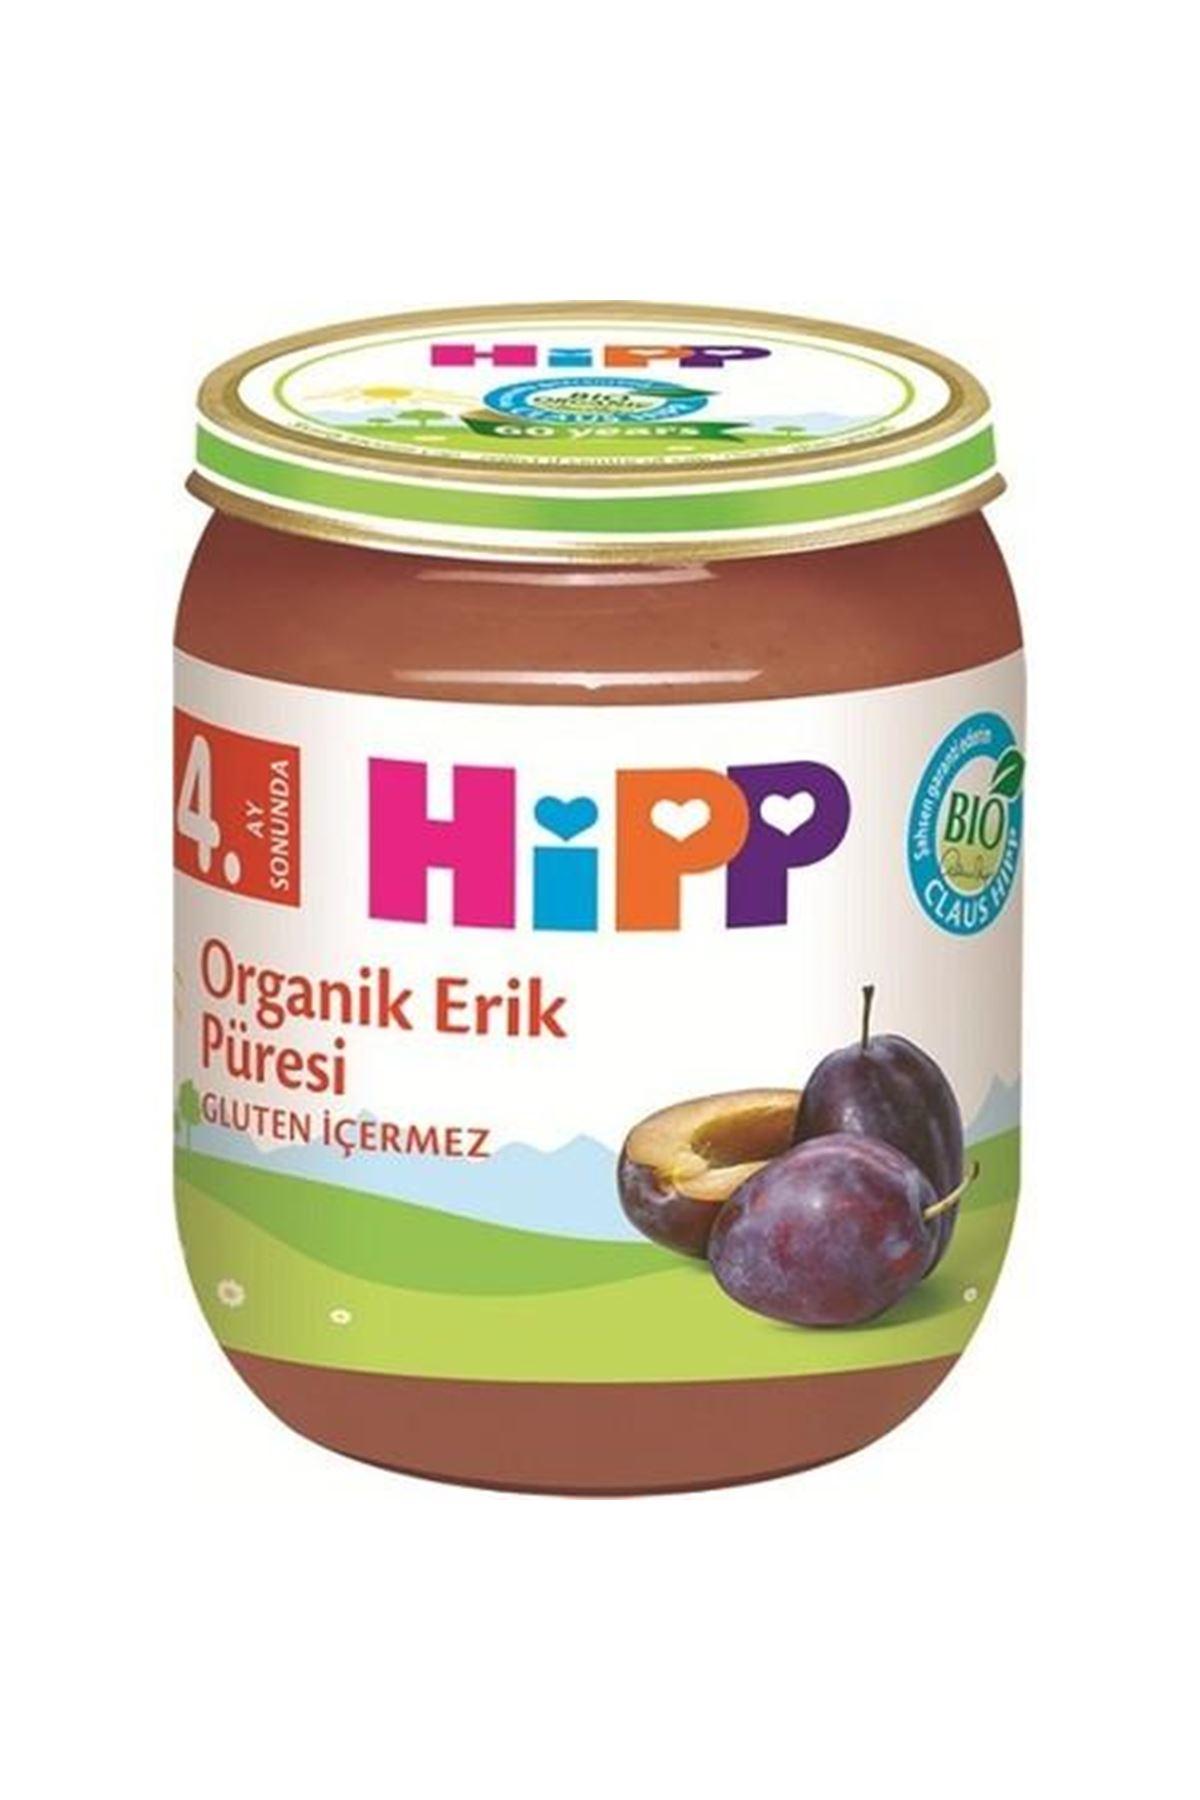 Hipp Organik Erik Püresi 125 Gr